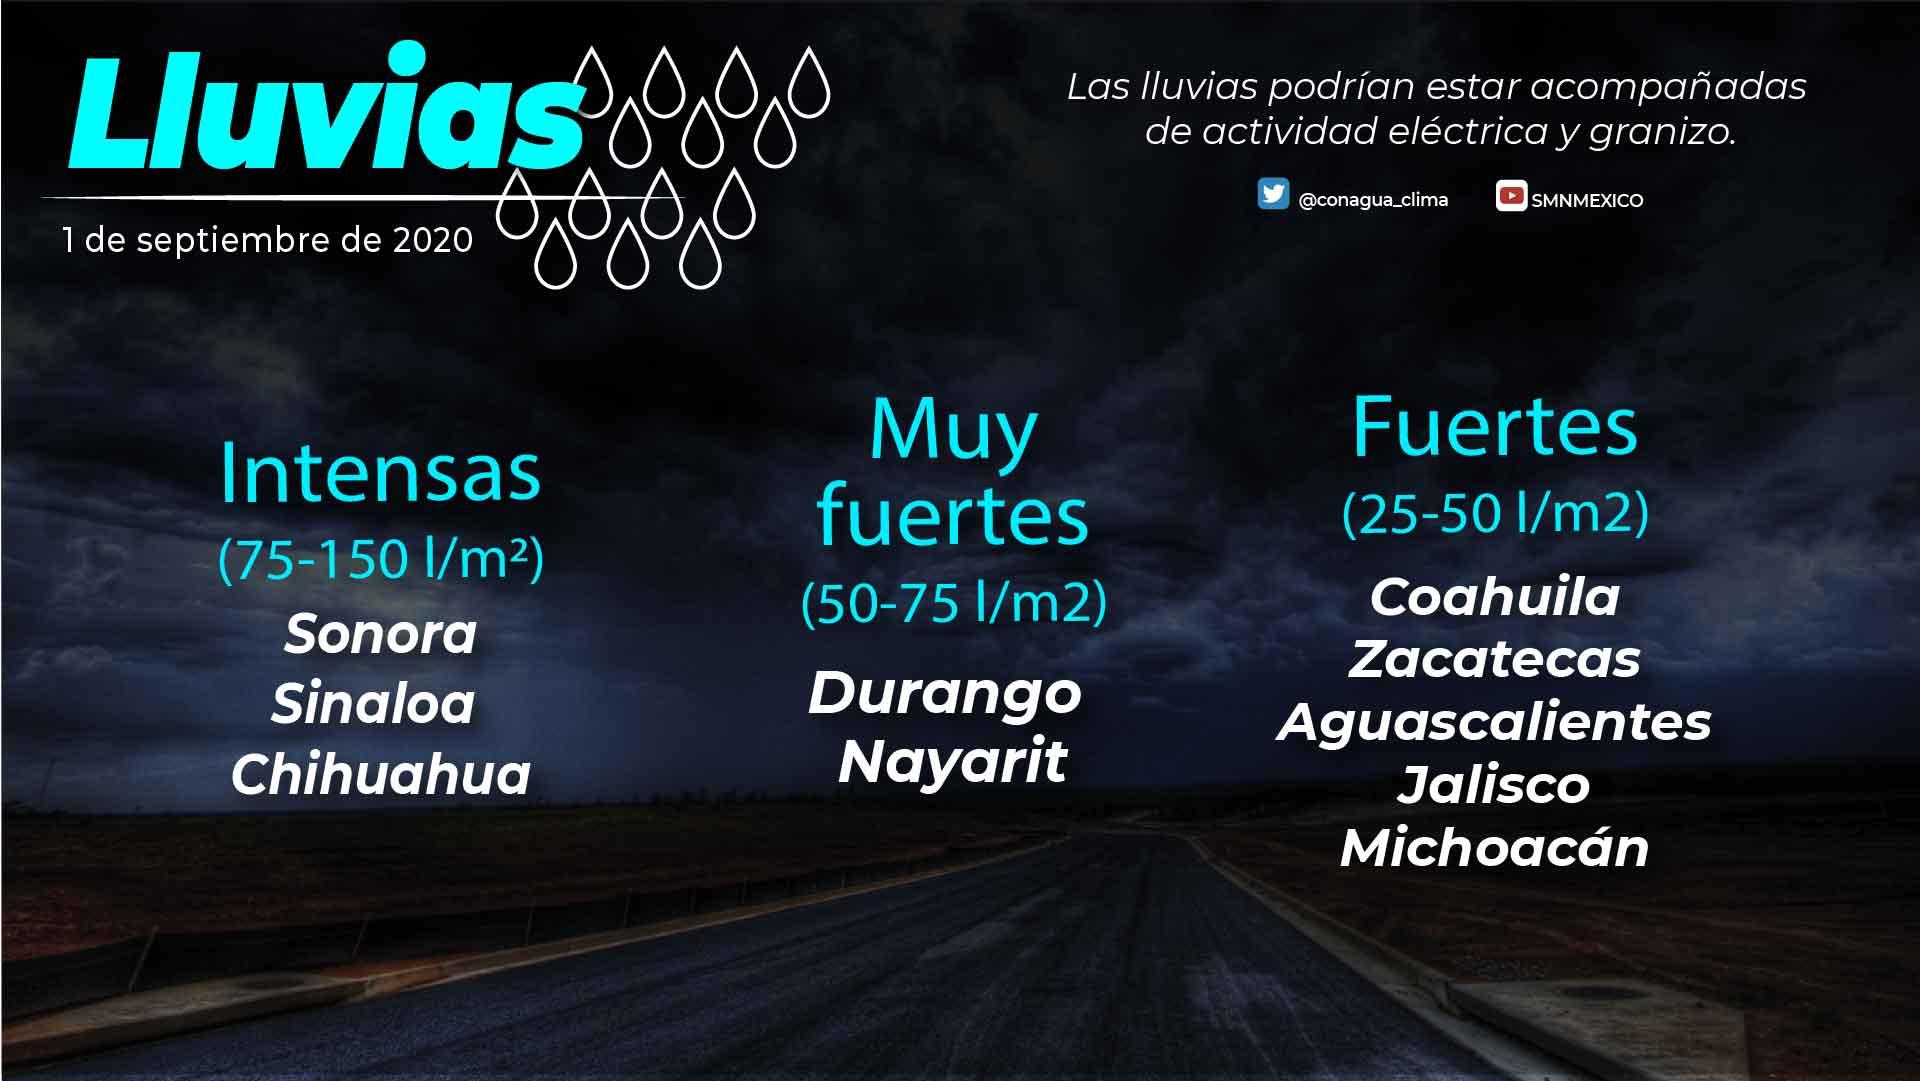 Se pronostican lluvias de muy fuertes a intensas para Chihuahua, Durango, Nayarit, Sinaloa y Sonora